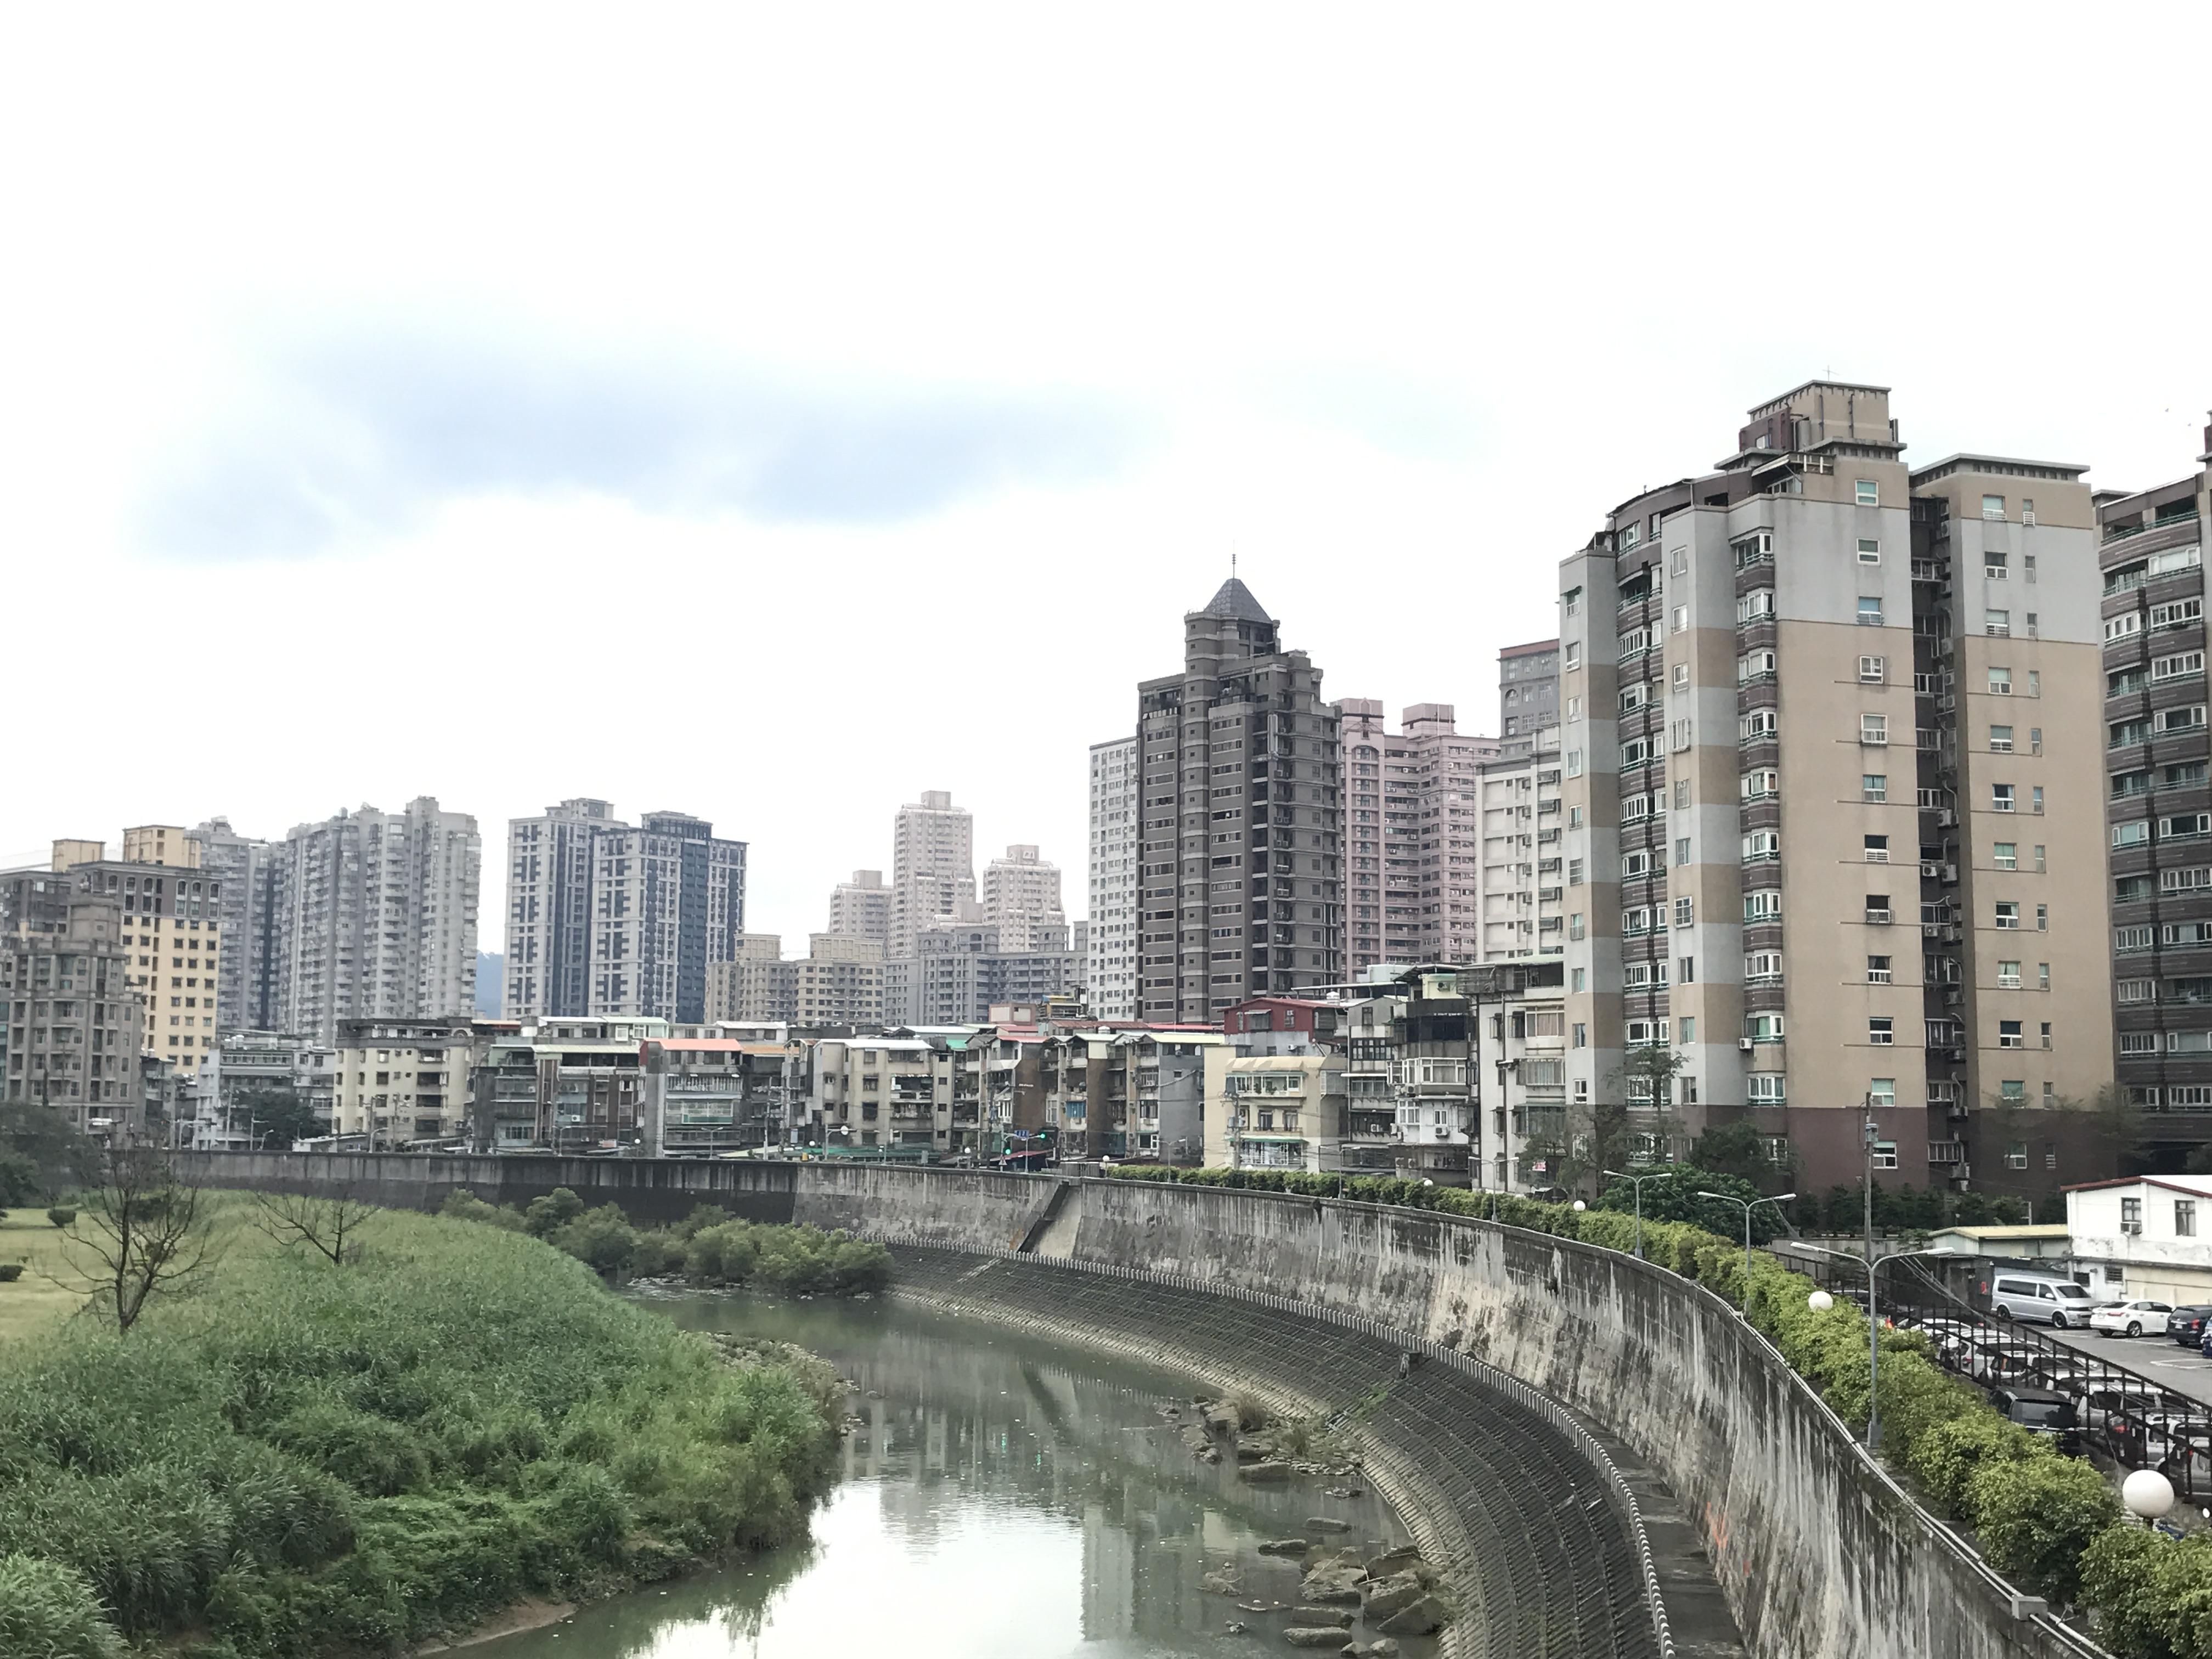 景美溪橋對岸的新北市新店區高樓林立,相較台北市而言,文山區大多屬於低矮的老舊建築,形成強烈對比。攝影/羅紹齊